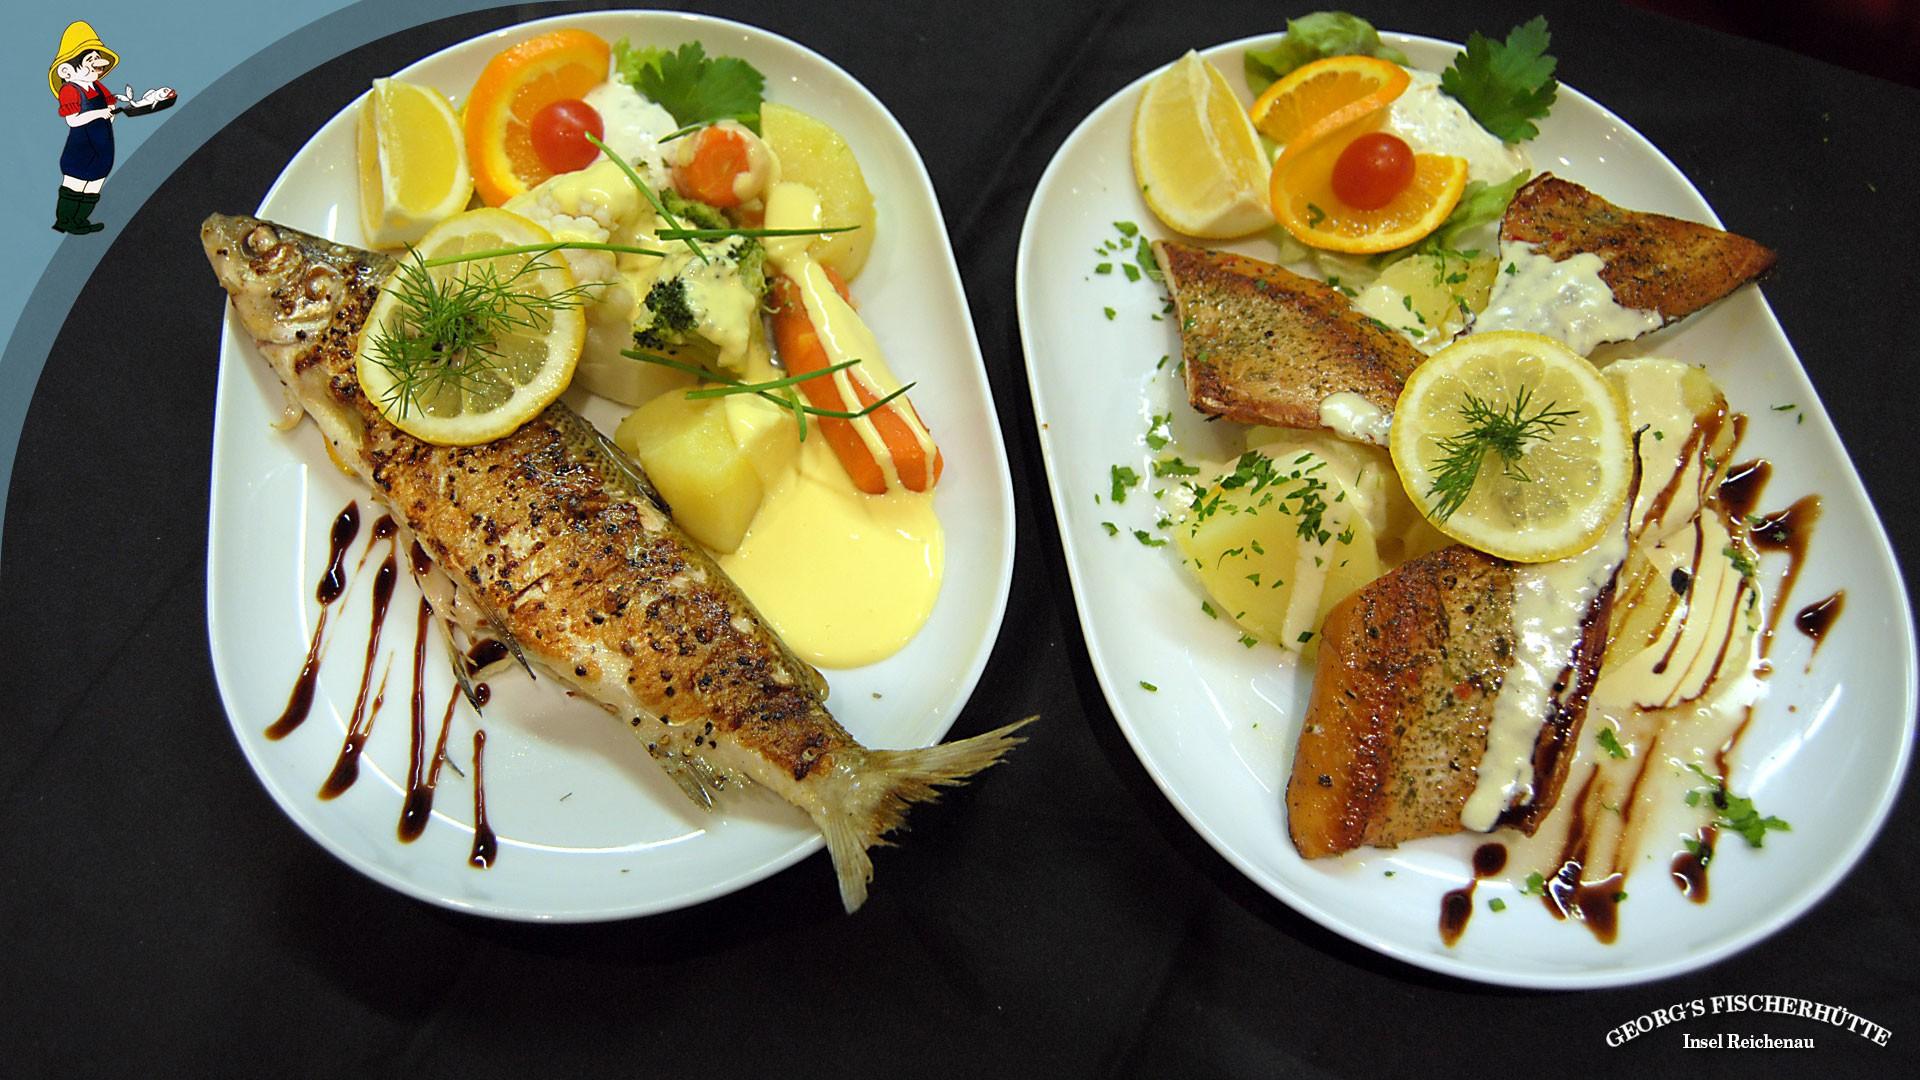 Georg's Fischerhütte: Ganzer Krezter/ Barsch/ Egli-Fisch oder als Fisch-Filets